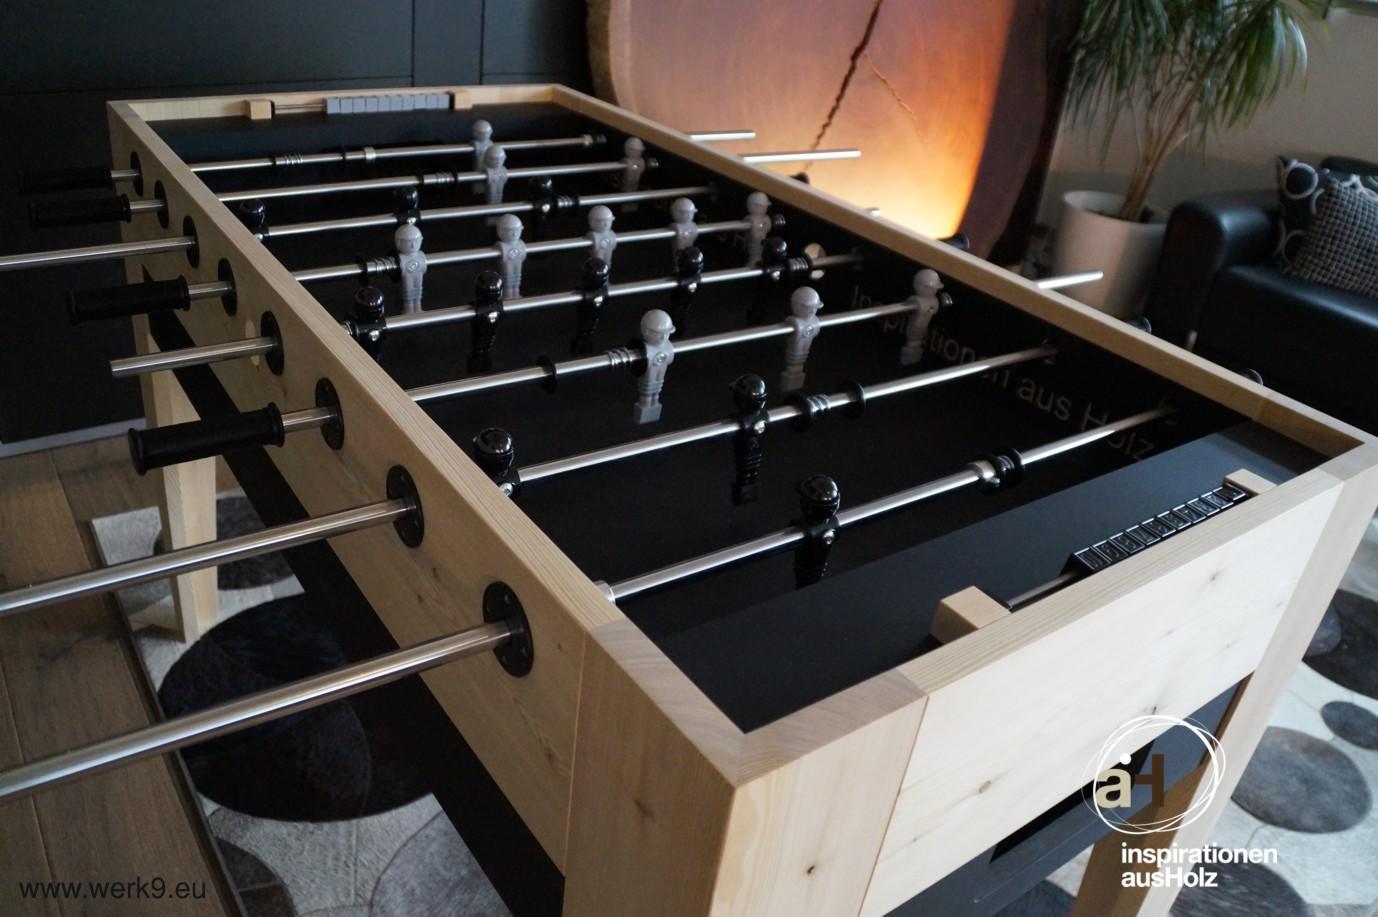 inspirationen aus holz gmbh ffnungszeiten inspirationen aus holz gmbh paul klee stra e. Black Bedroom Furniture Sets. Home Design Ideas